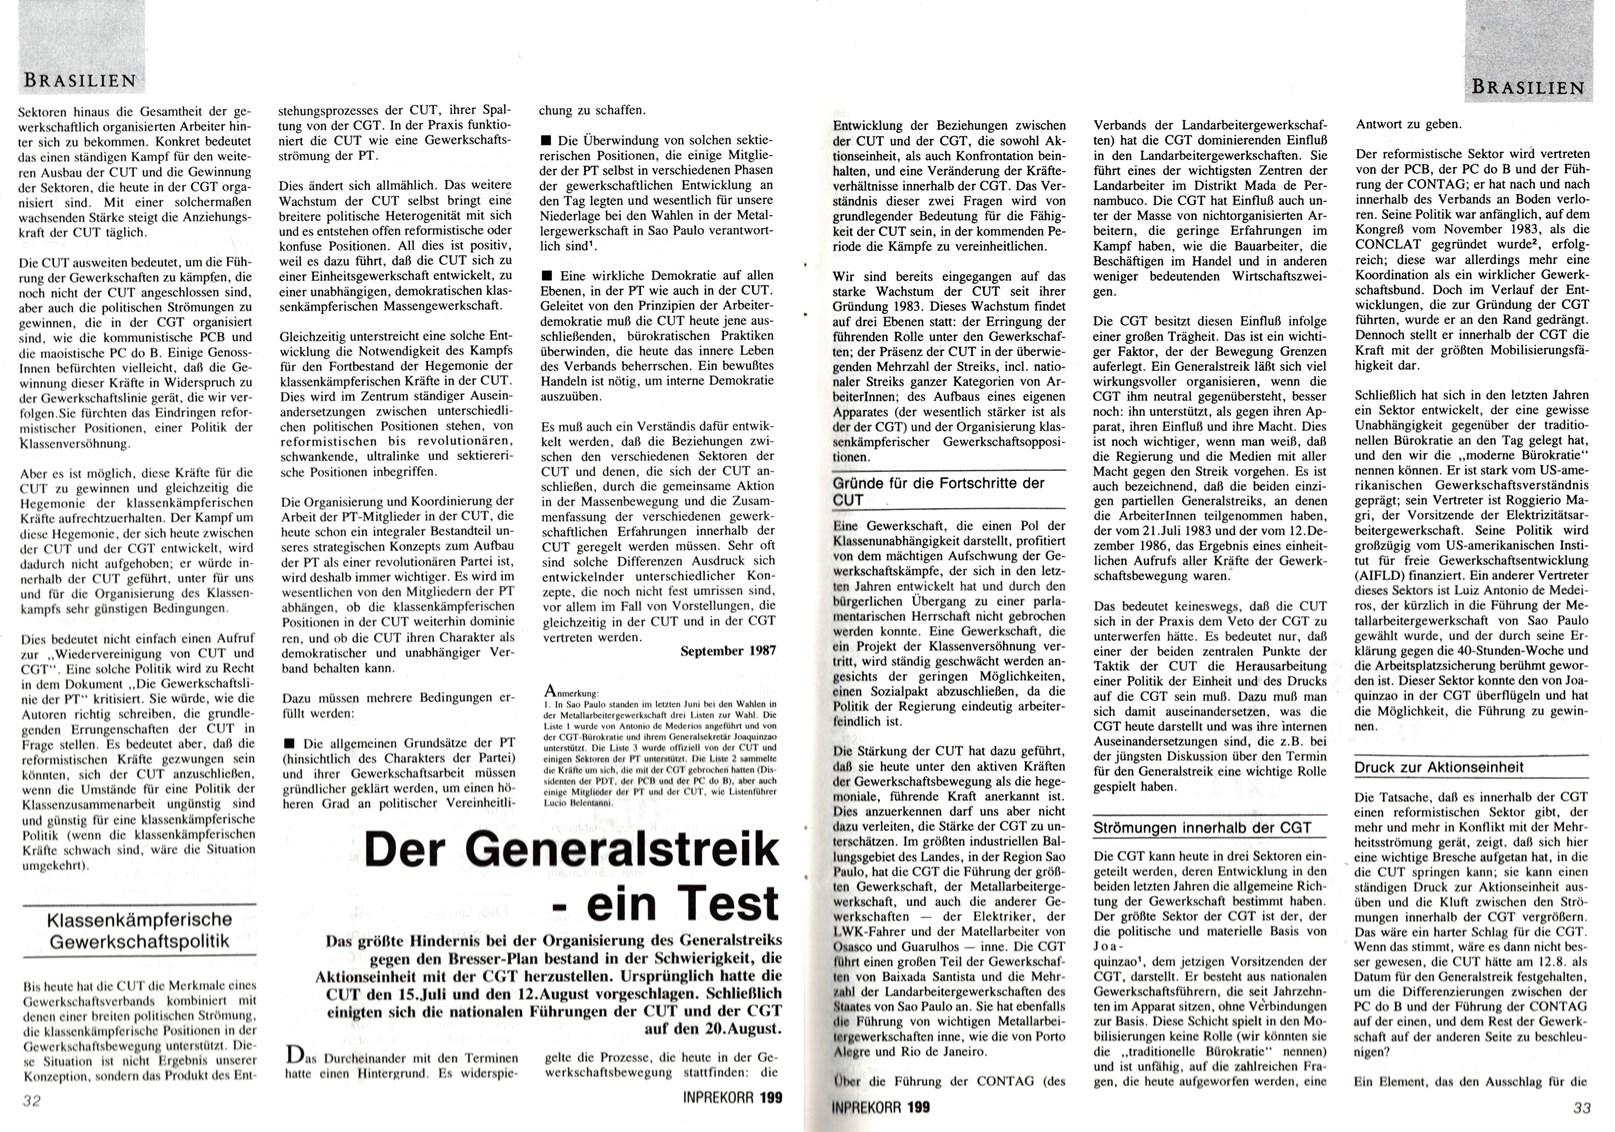 Inprekorr_19880100_199_017